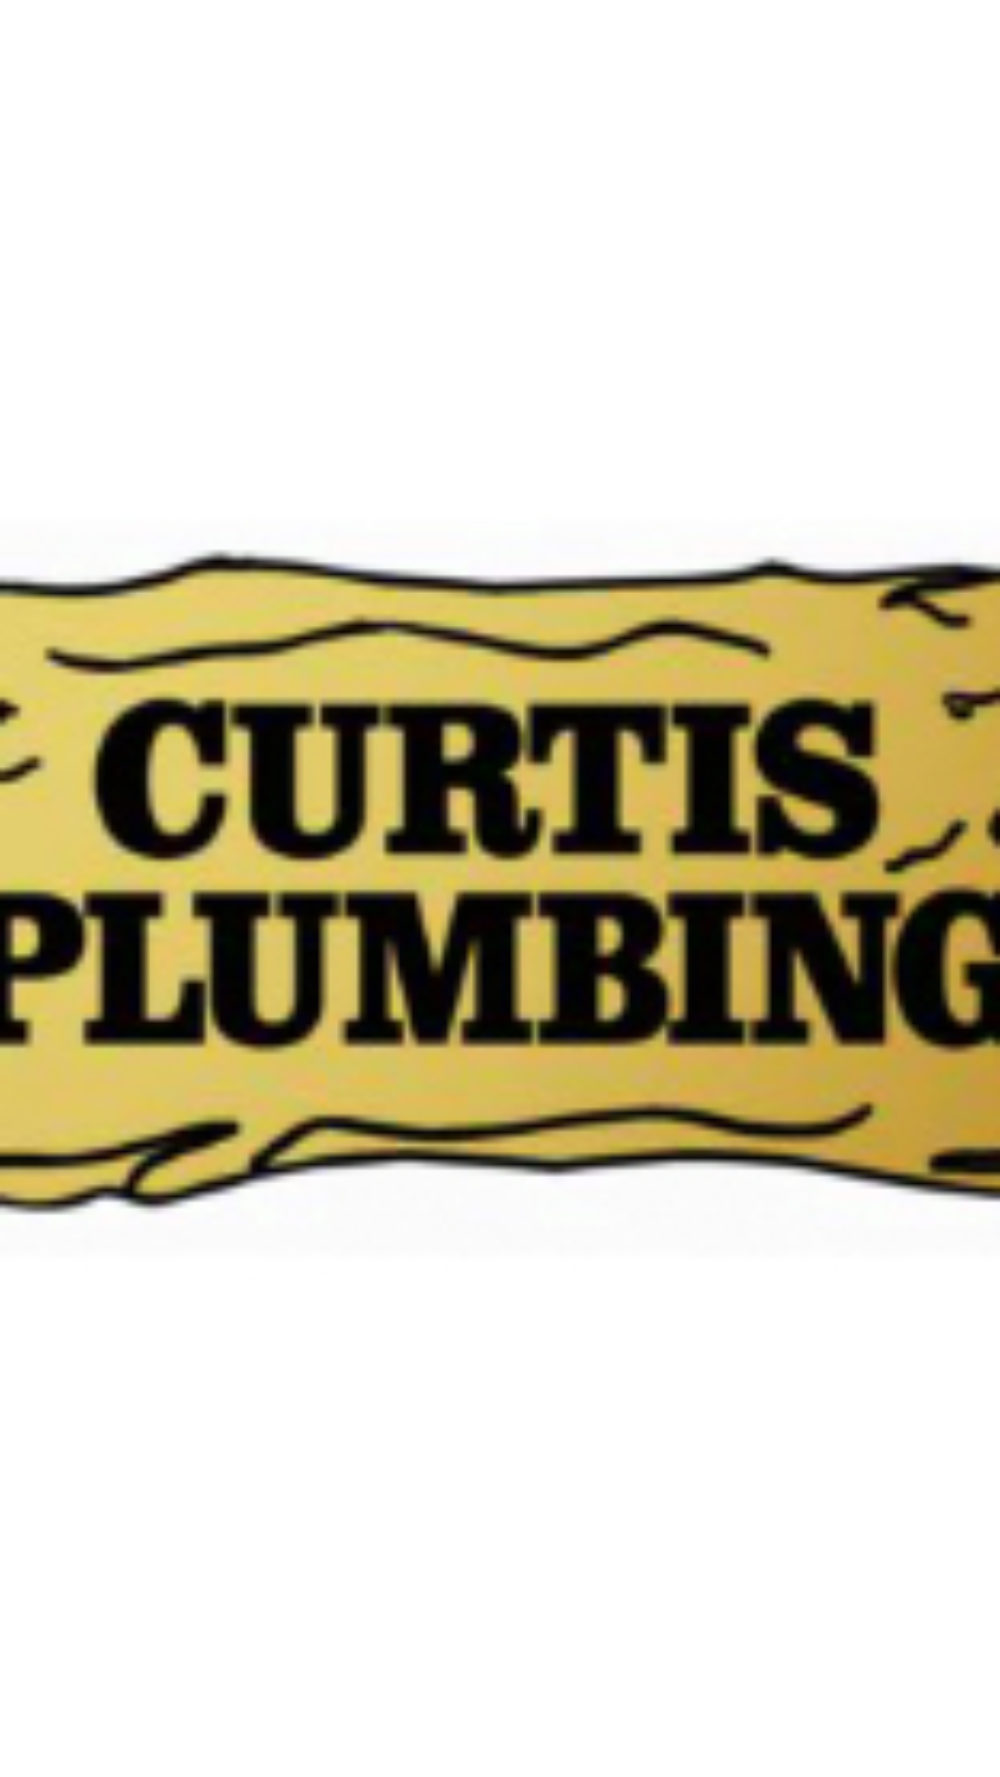 Curtis-Plumbing-Tite